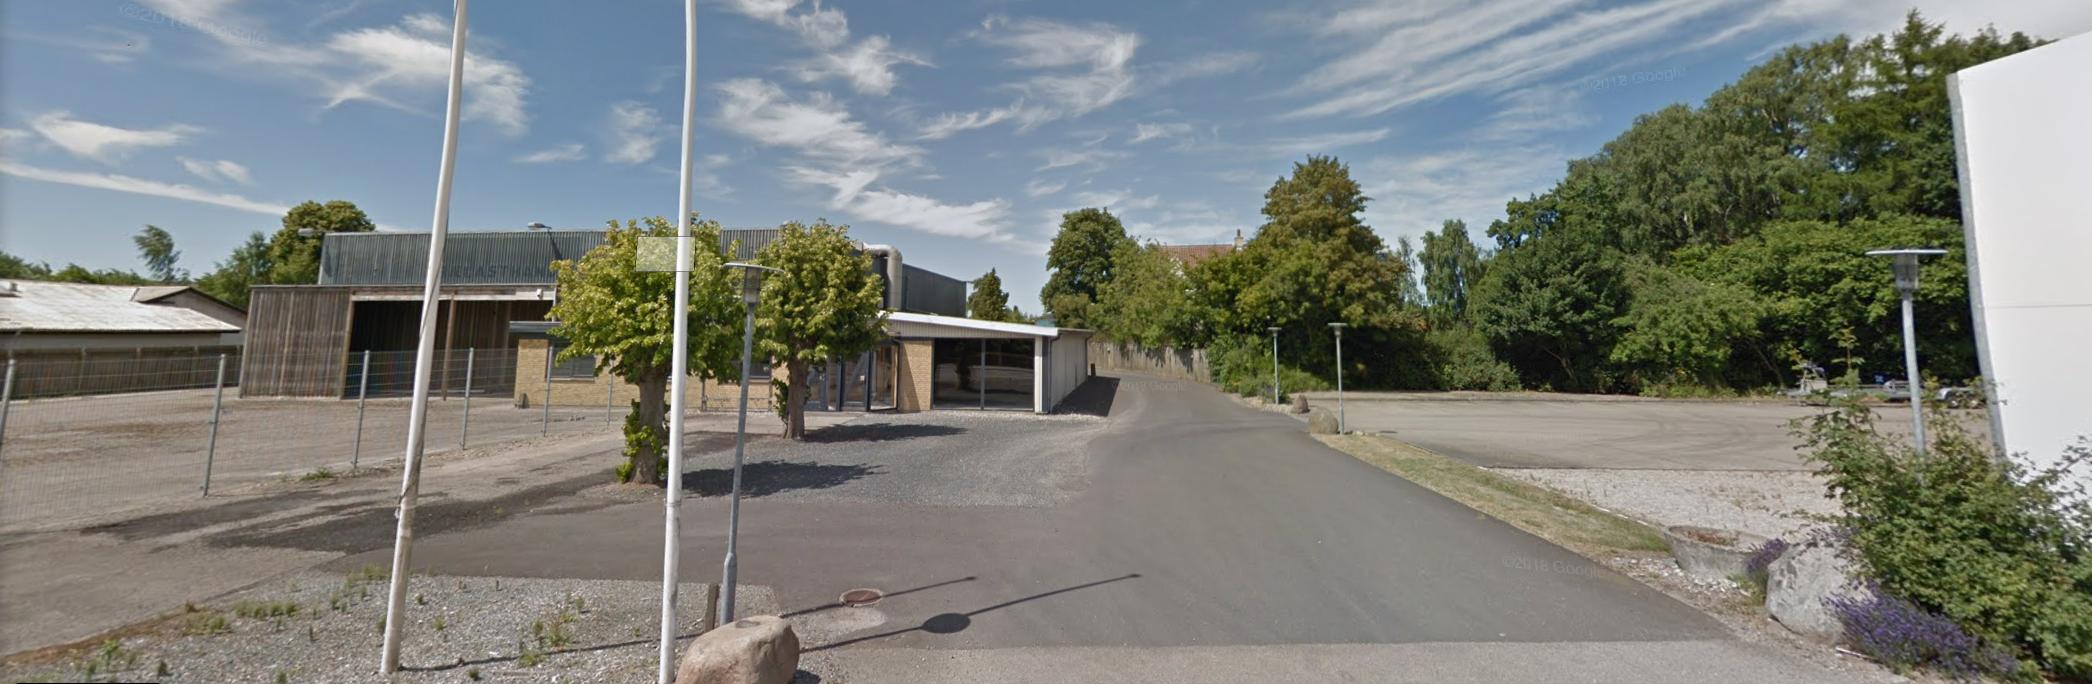 Arena Østfyn